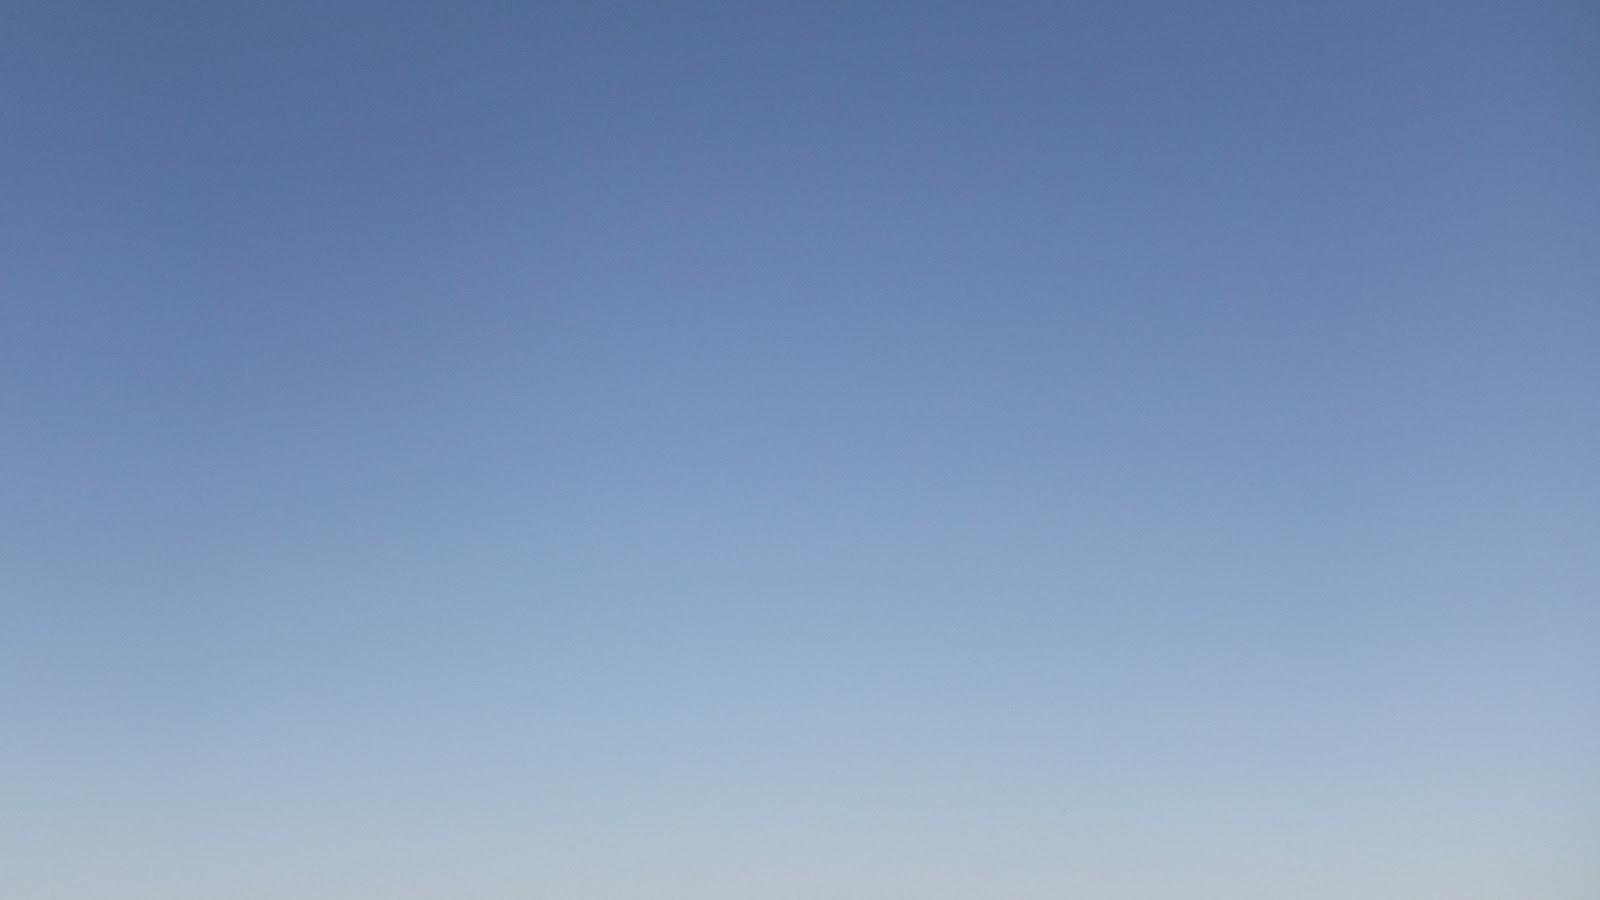 free plain sky background 1600x900